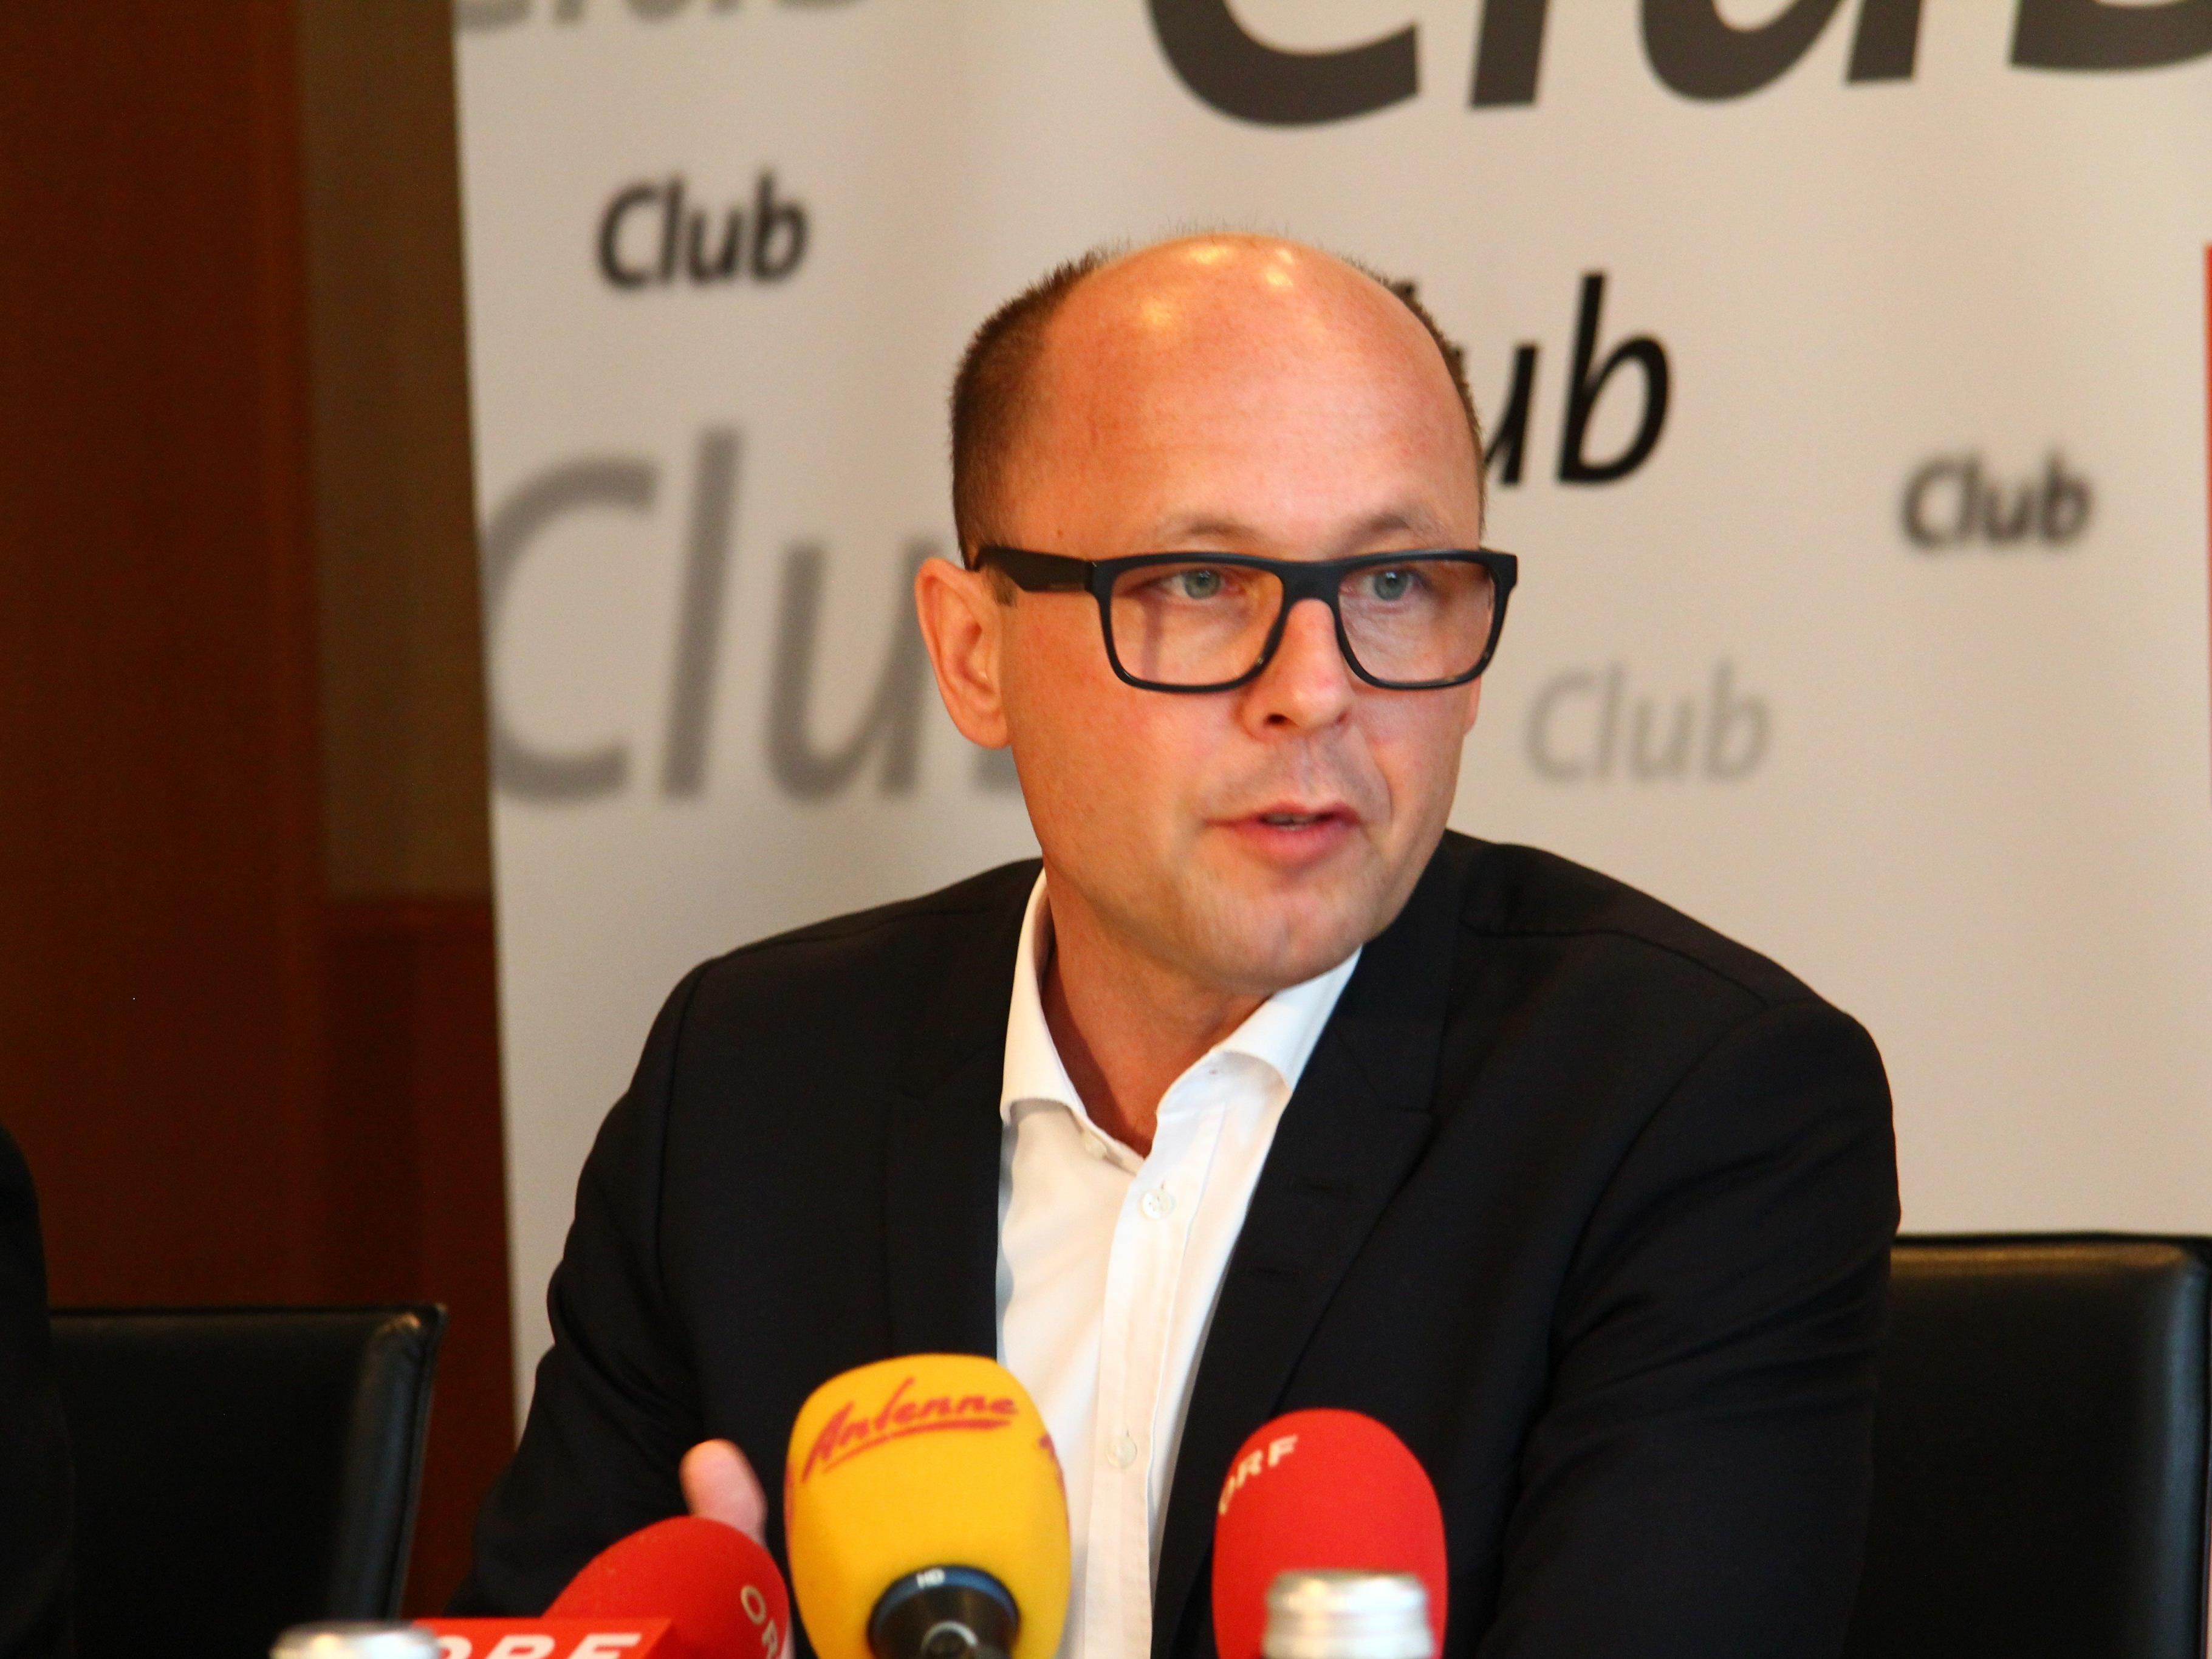 SPÖ-Clubmann Michael Ritsch fordert von der Landesregierung Maßnahmen gegen steigende Armutsgefährdung.